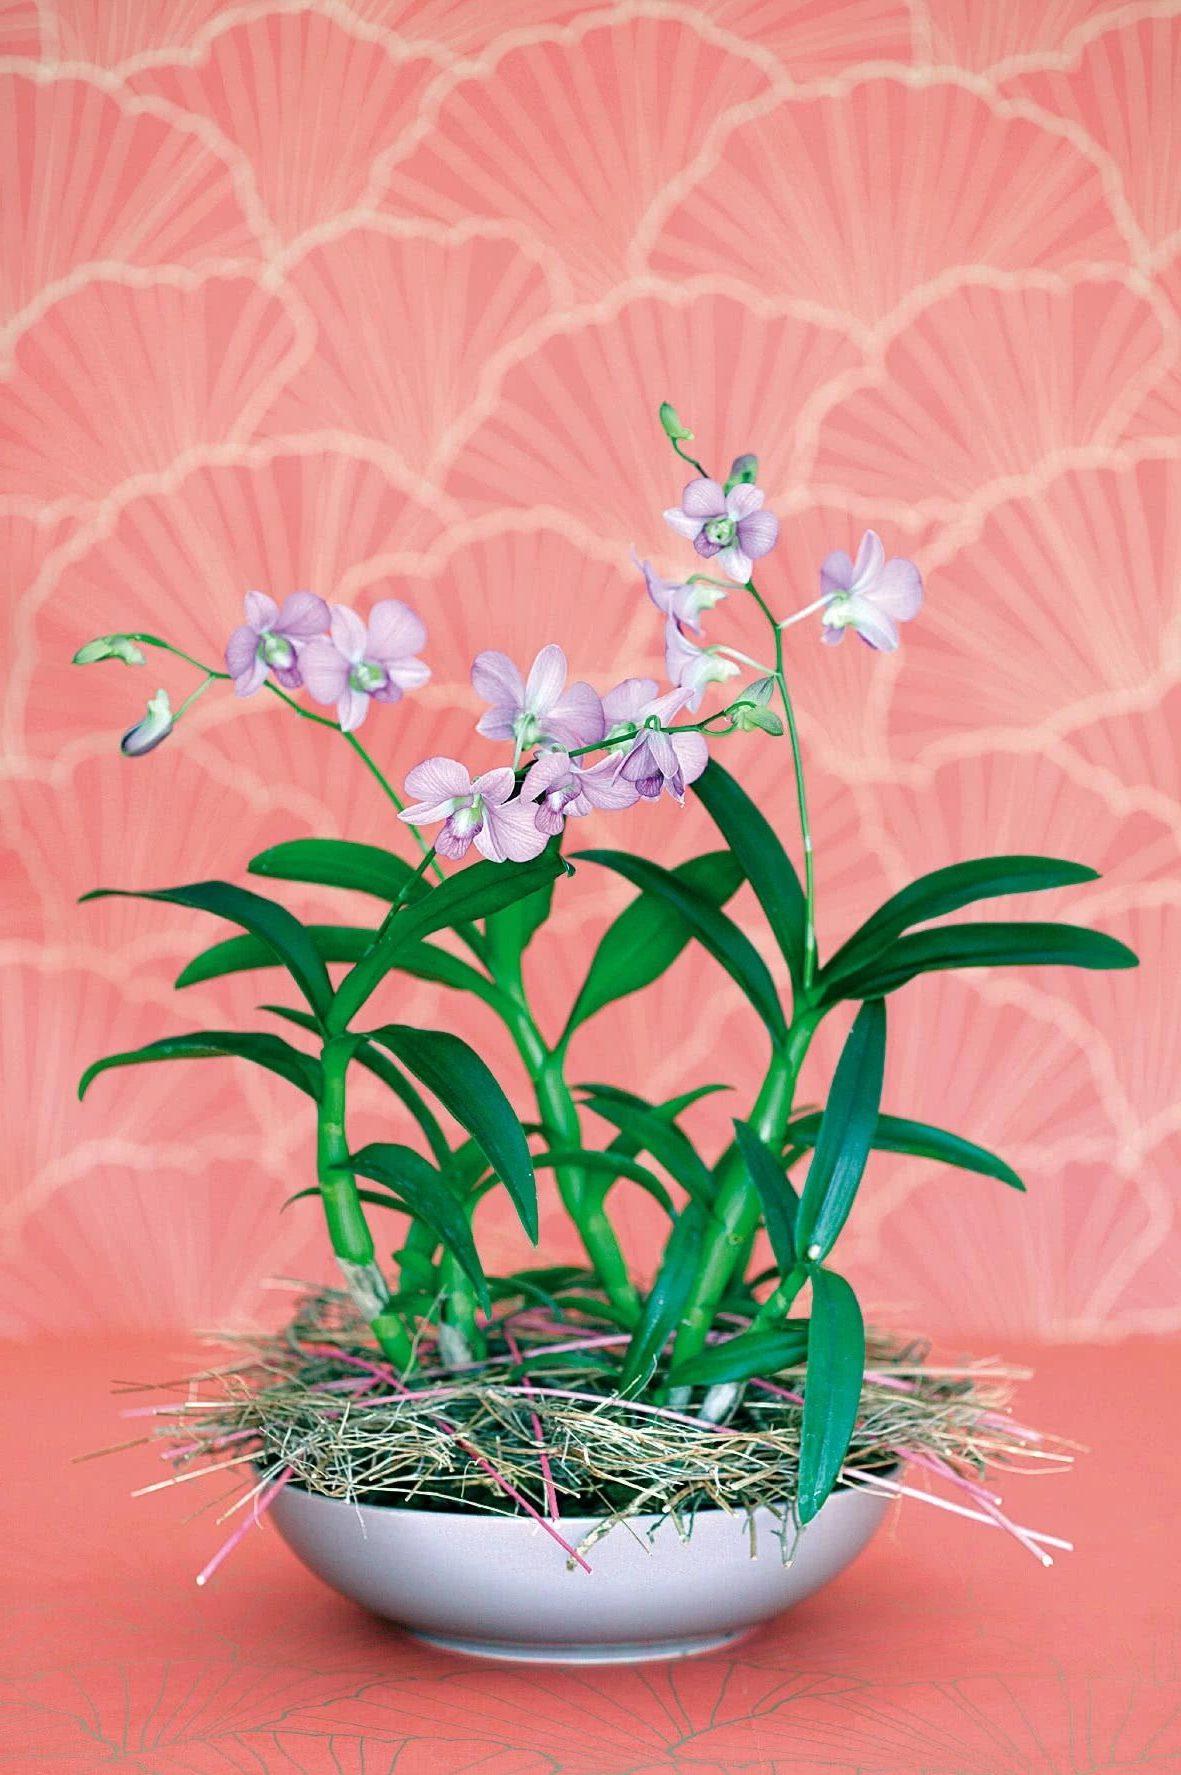 Орхидея дендробиум - близкая родственница фаленопсиса.